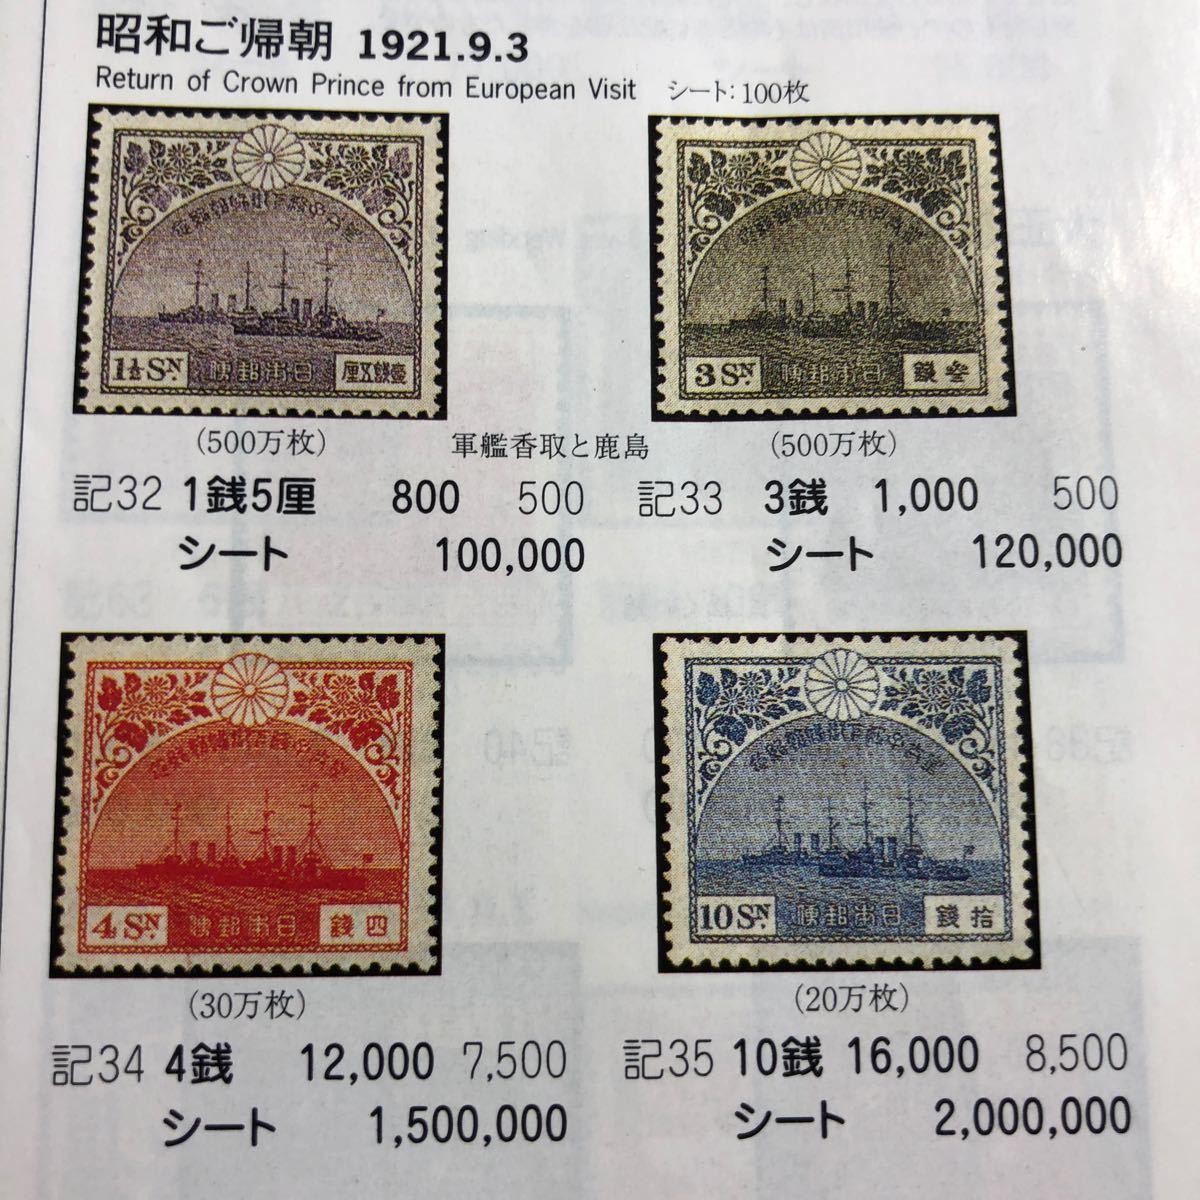 カタログ価格29,800円のプレミア切手!東宮御帰朝記念切手4種 裏糊ツヤピカ!